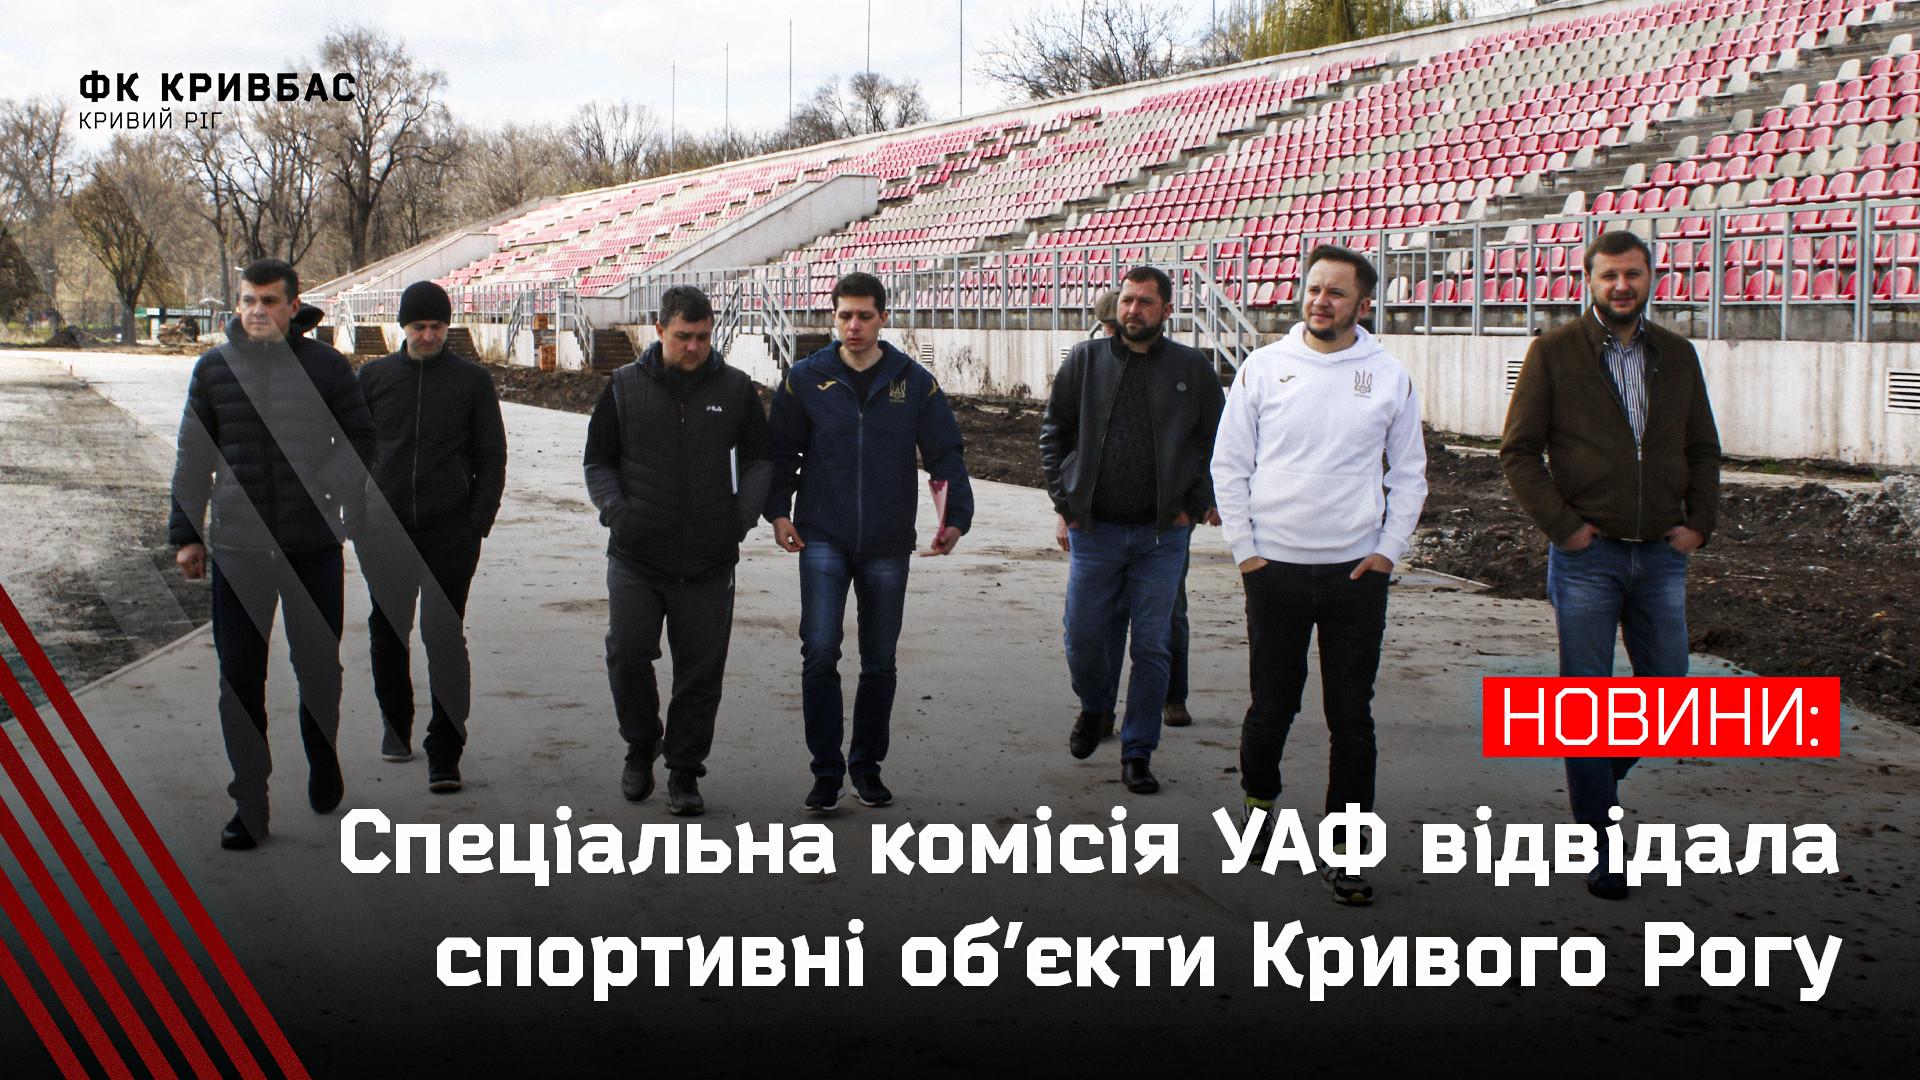 Спеціальна комісія УАФ відвідала спортивні об'єкти Кривого Рогу}